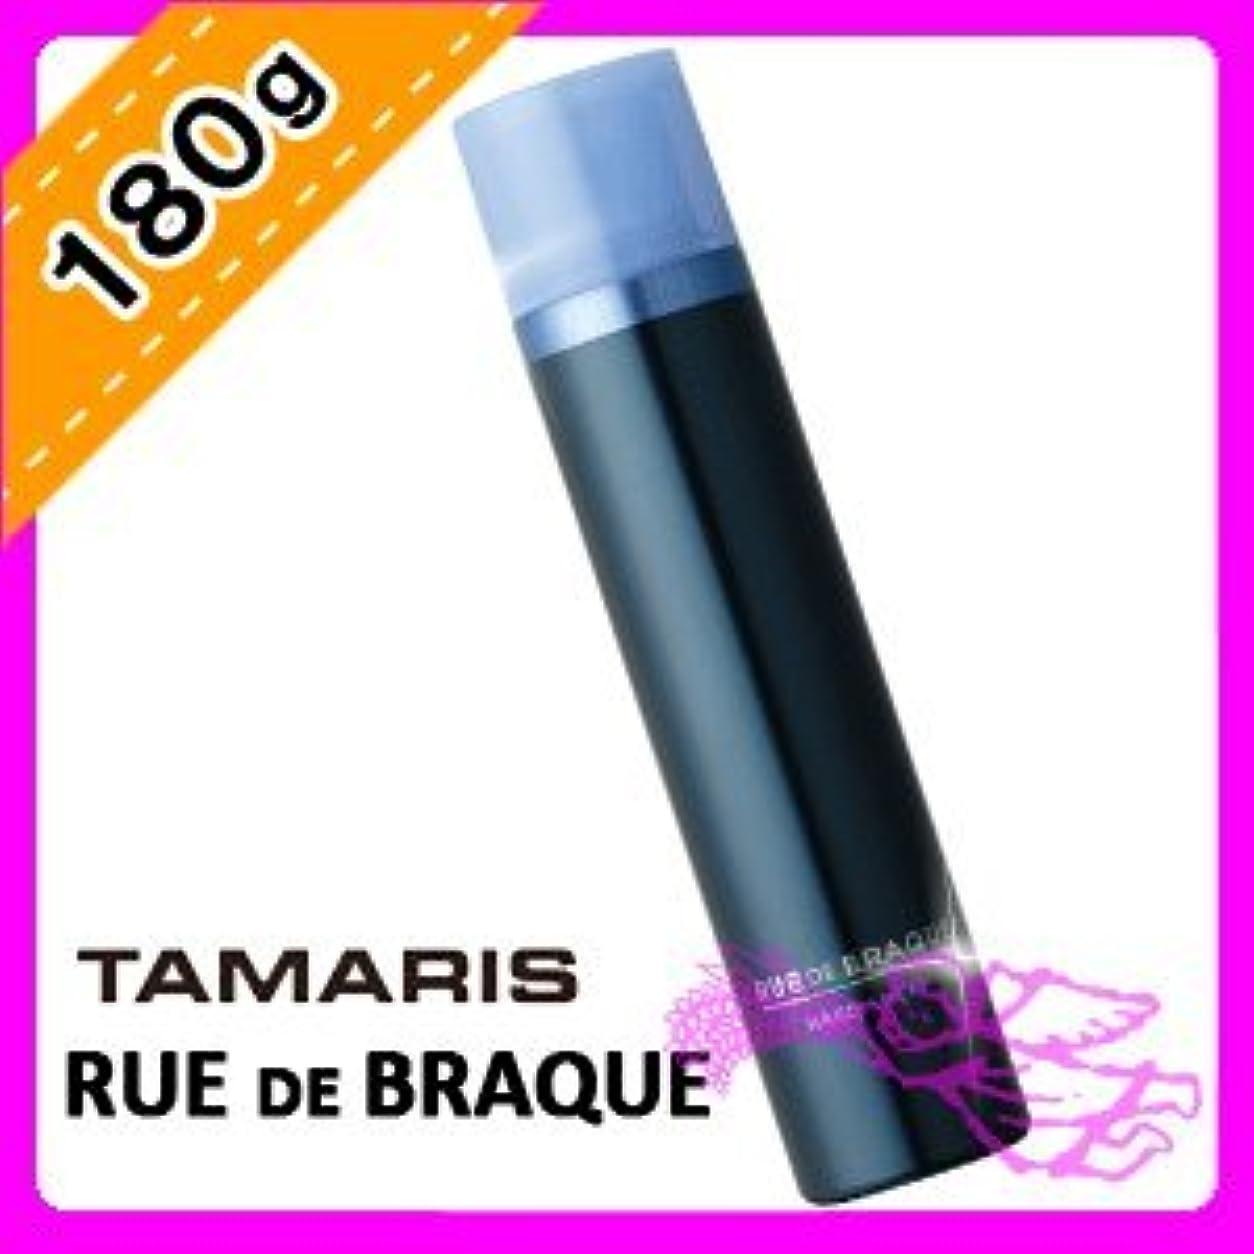 バランスのとれた鋼備品タマリス ルードブラック ハードスプレー 180g TAMARIS RUE DE BRAQUE